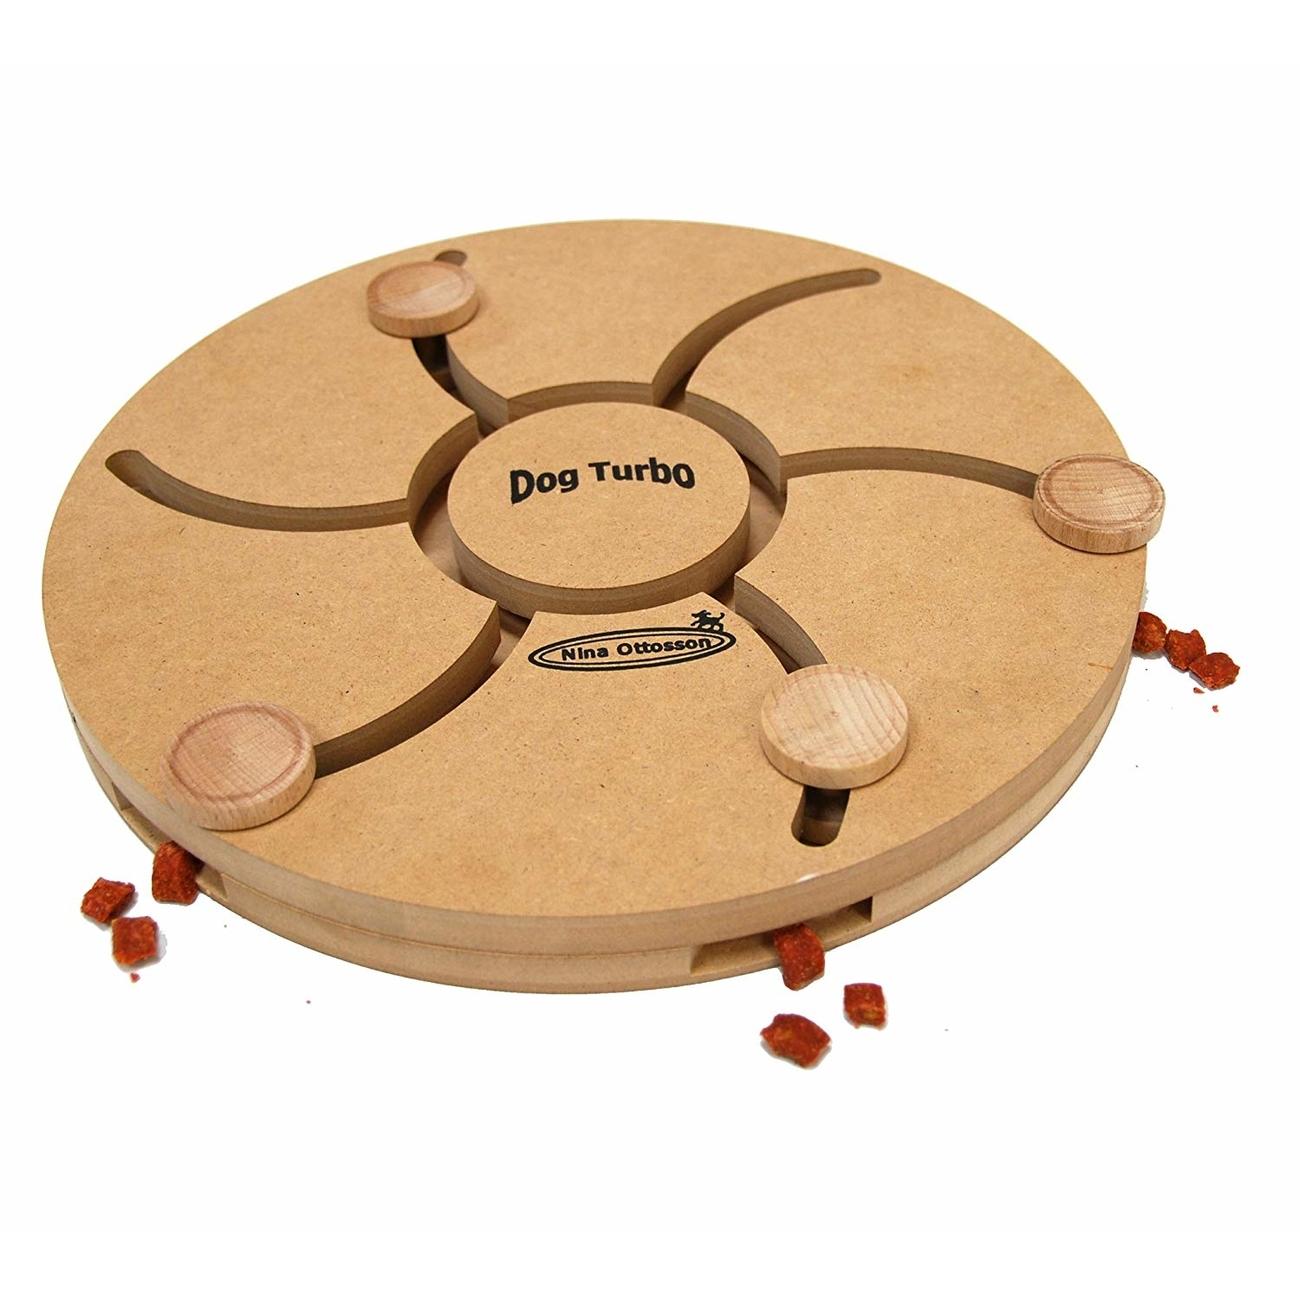 Nina Ottosson Dog Turbo Intelligenzspielzeug für Hunde